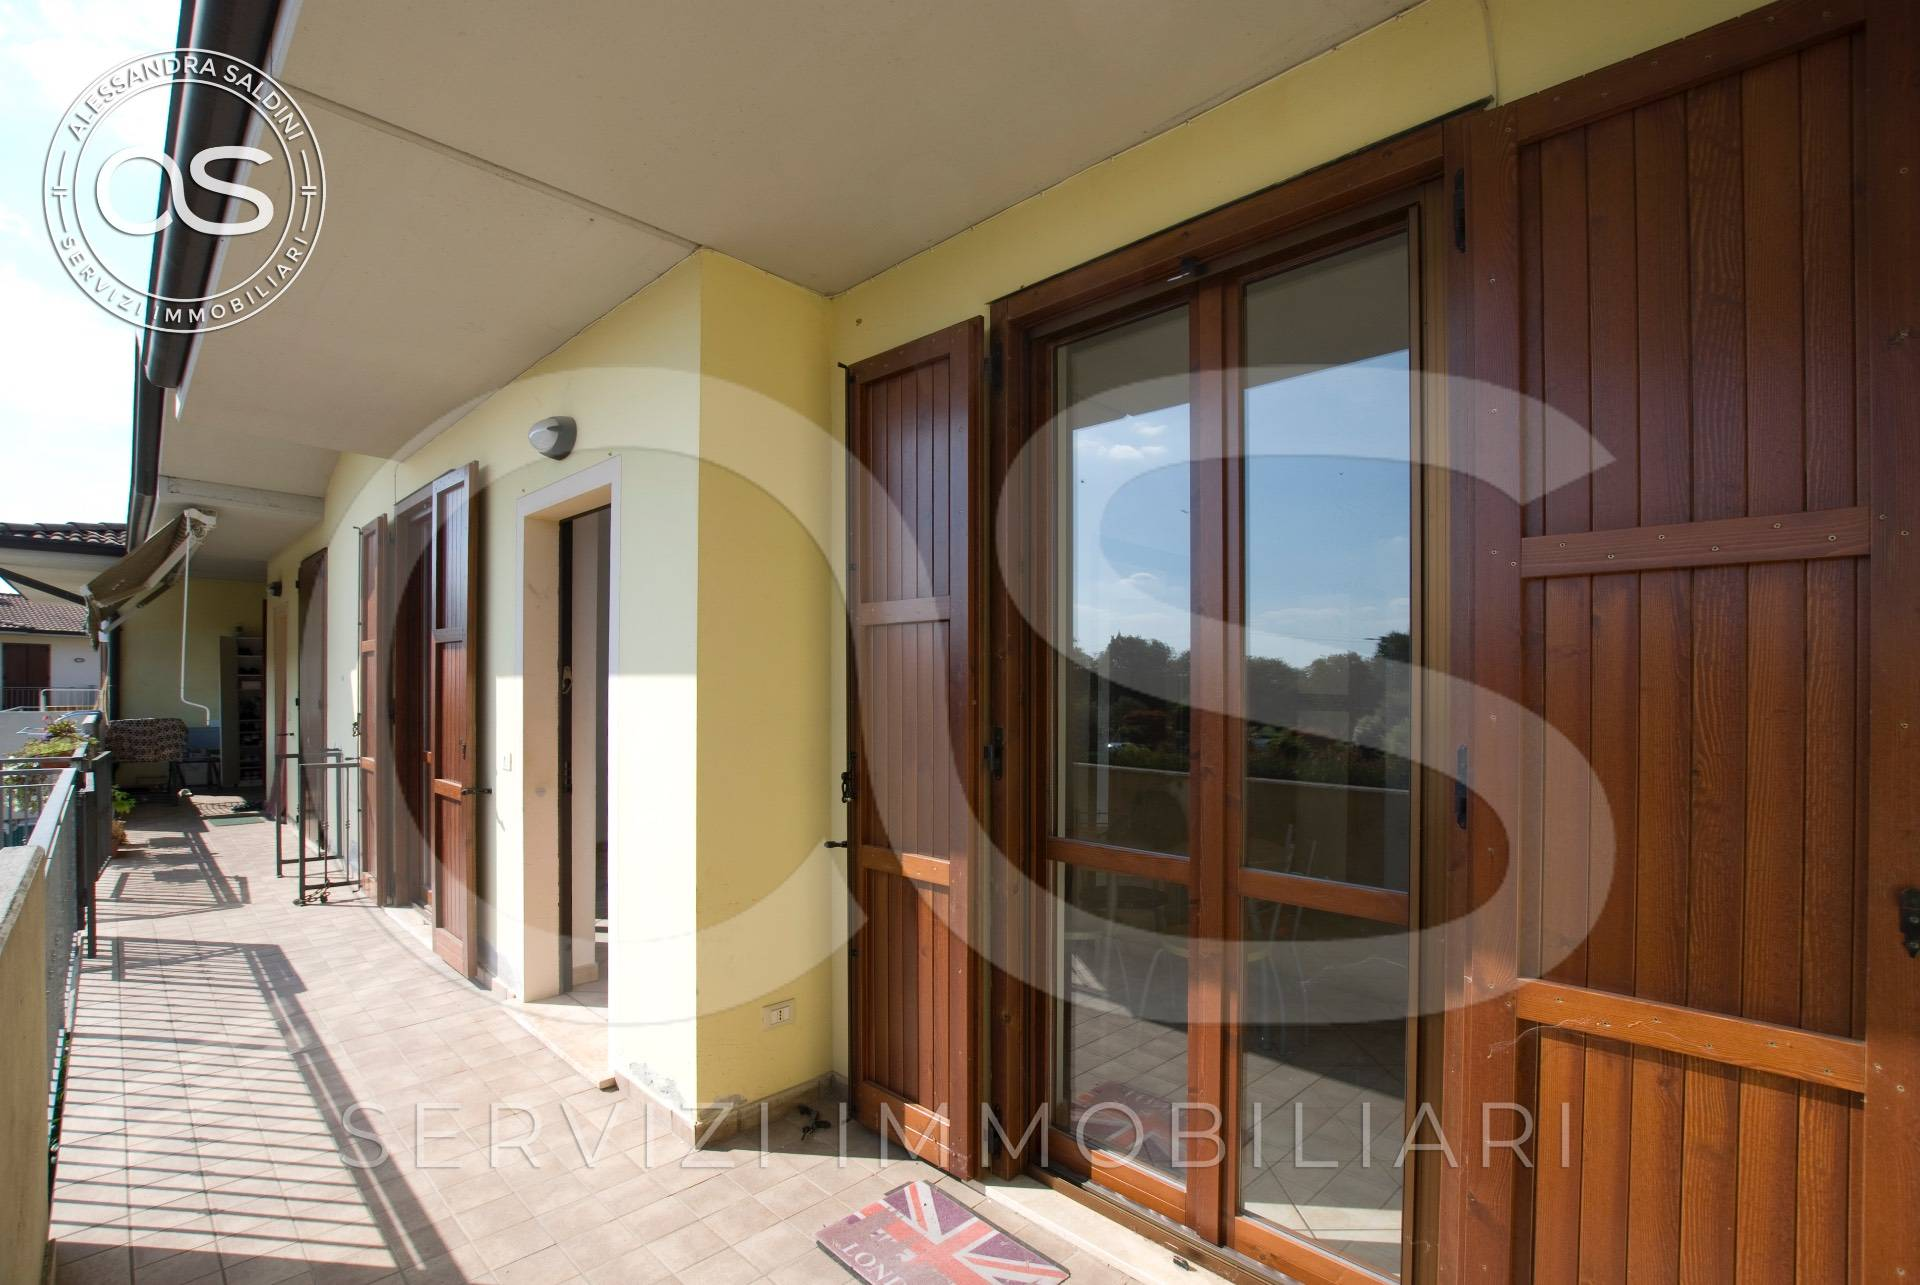 Appartamento in vendita a Cigole, 3 locali, prezzo € 68.000 | PortaleAgenzieImmobiliari.it